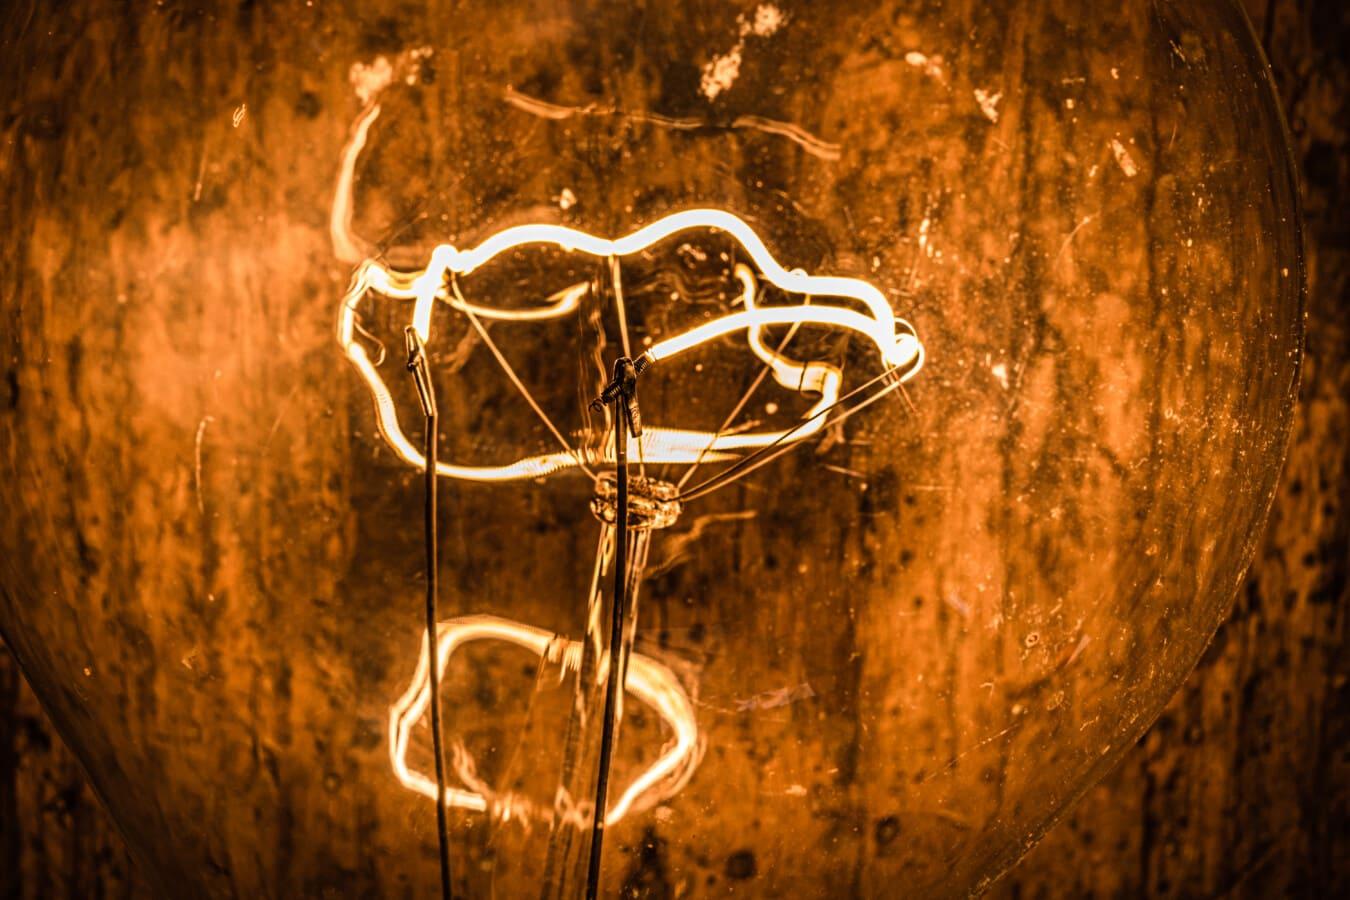 Glühbirne, Elektro, innen, aus nächster Nähe, Spannung, transparente, Jahrgang, Glas, Strom, Lampe